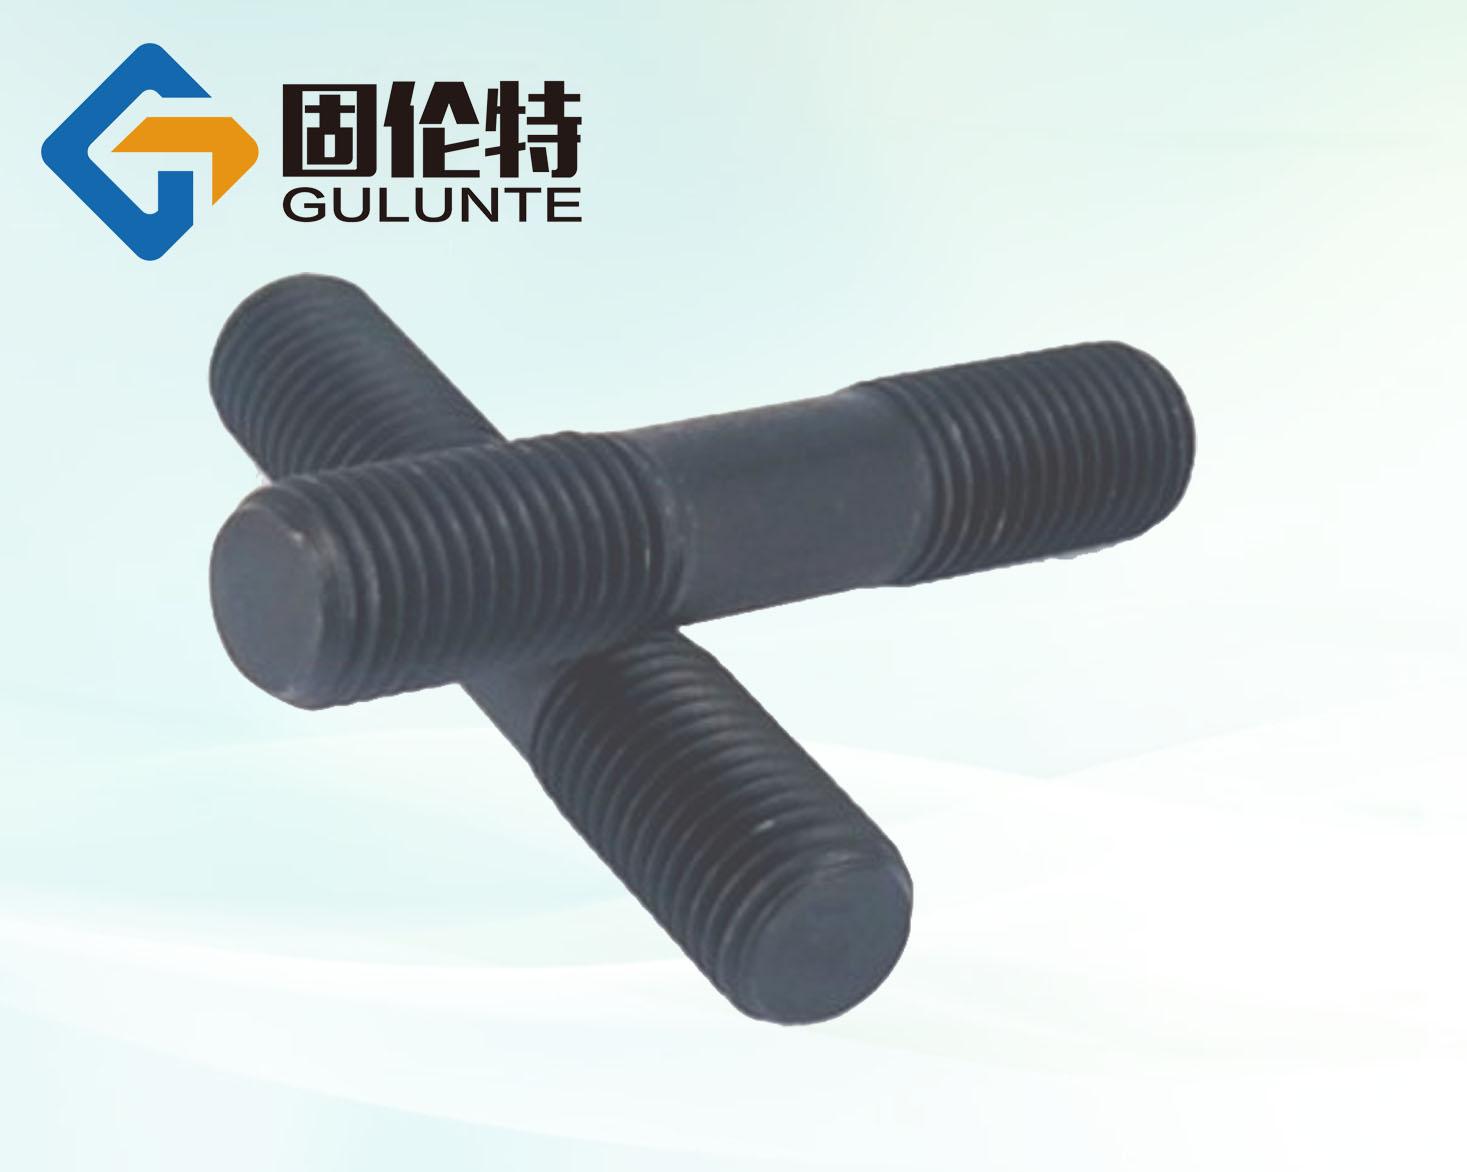 石化专用防腐双头螺栓厂家,35CrMoA耐高压双头螺